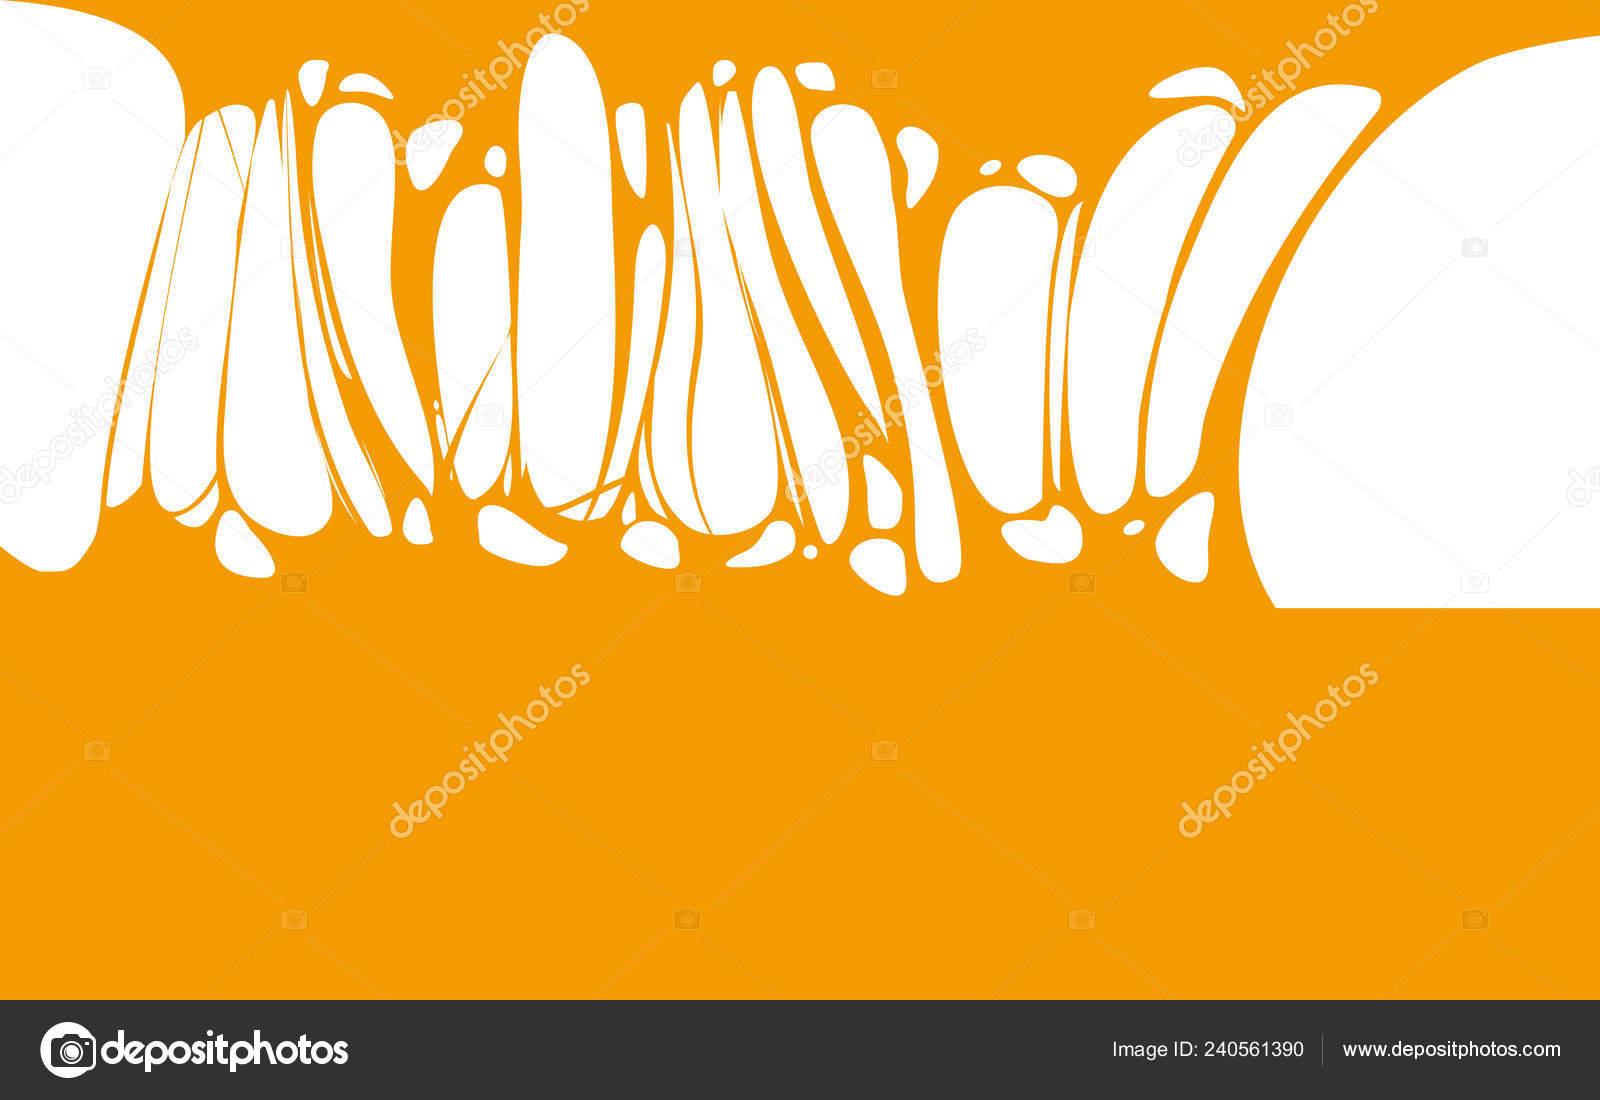 Slime Sticky Orange Honey Banner Spittle Snot Frame Of Scary